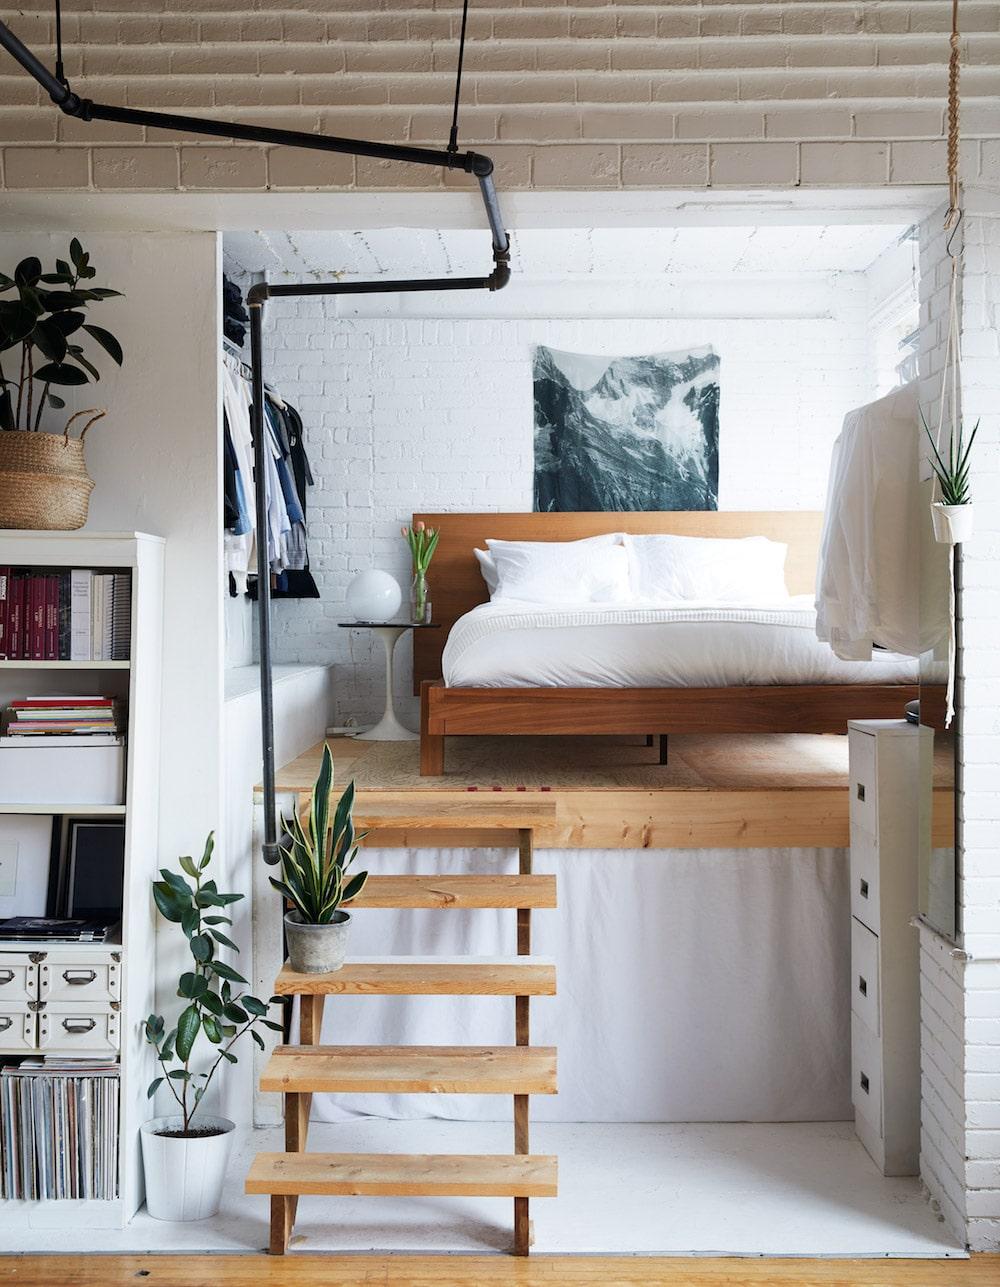 d coration simple et chic pour ce refuge de bibliophile. Black Bedroom Furniture Sets. Home Design Ideas